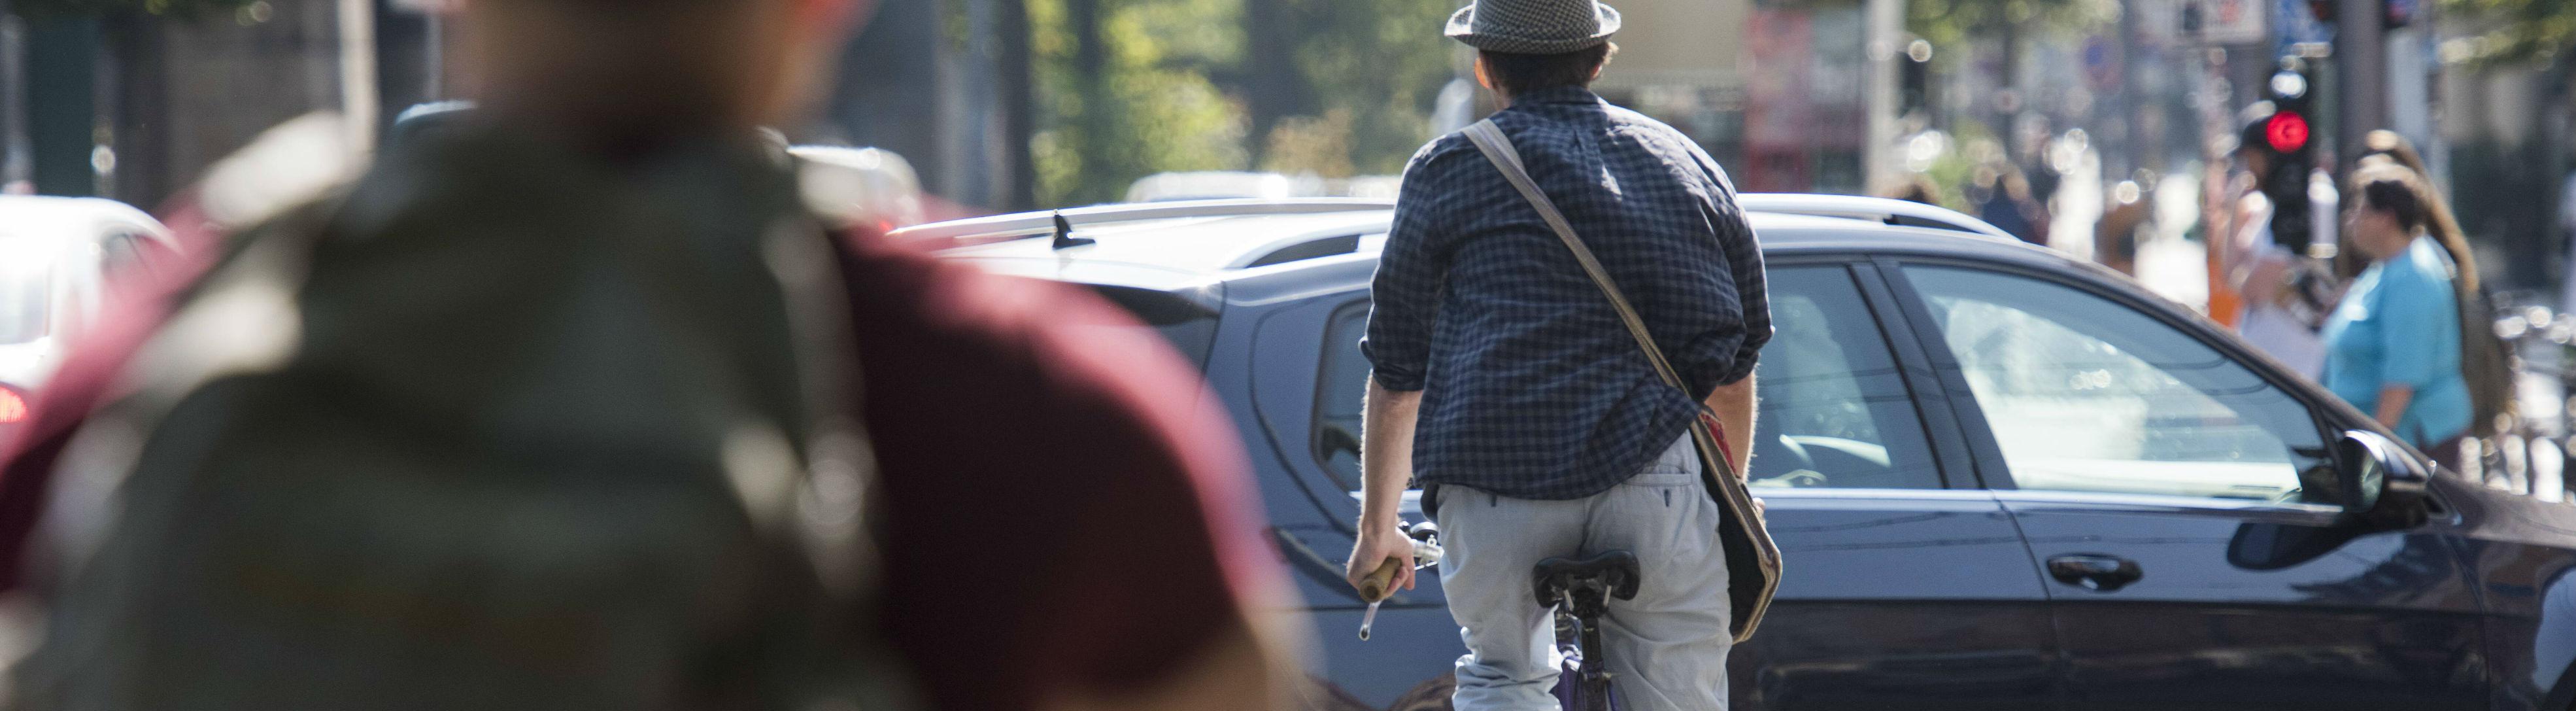 Ein Fahrradfahrer in Berlin wird von einem Auto geschnitten.